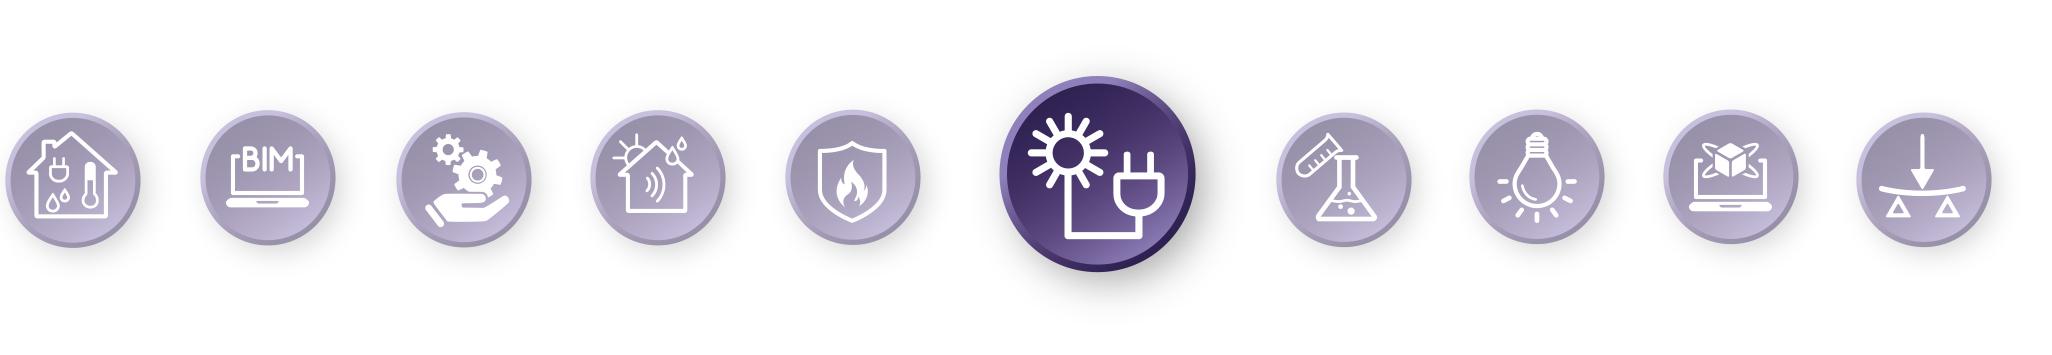 Piktogramm-Leiste mit hervorgehobenem Energiedesign-Symbol